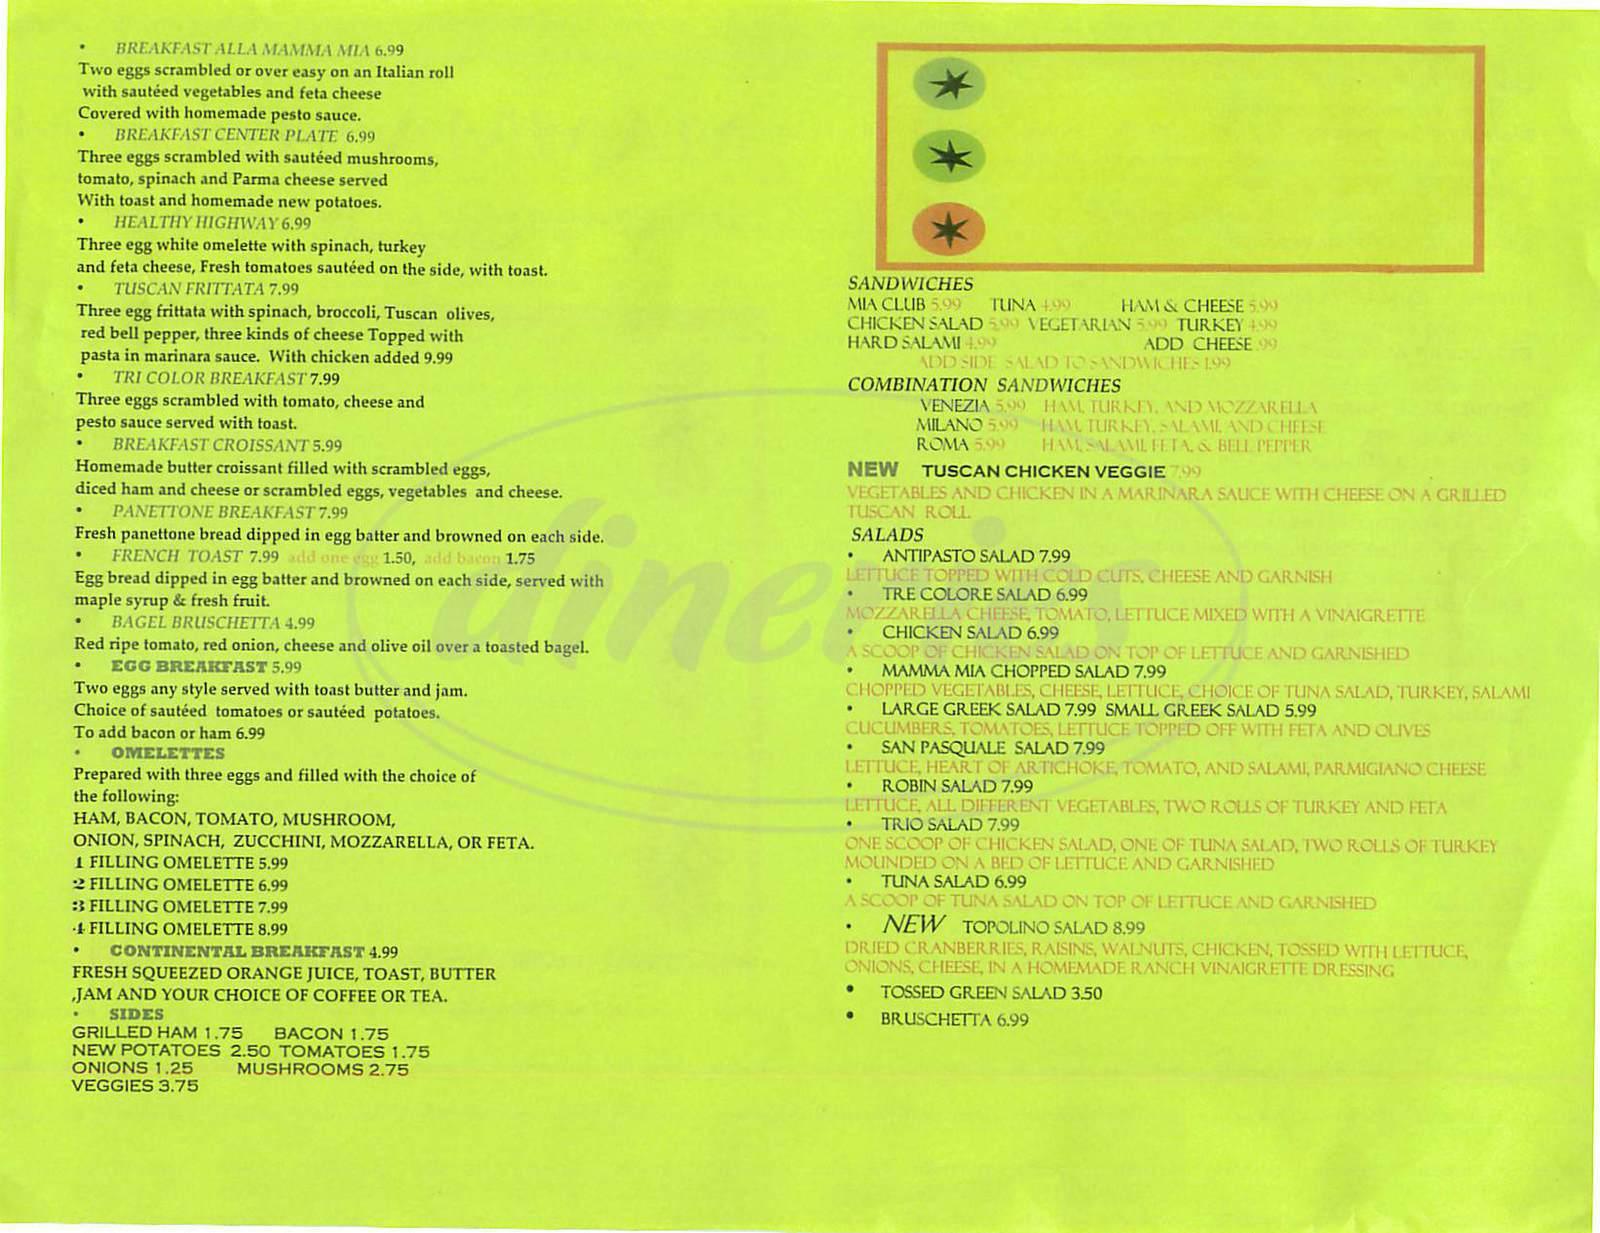 menu for Mama Mia Café